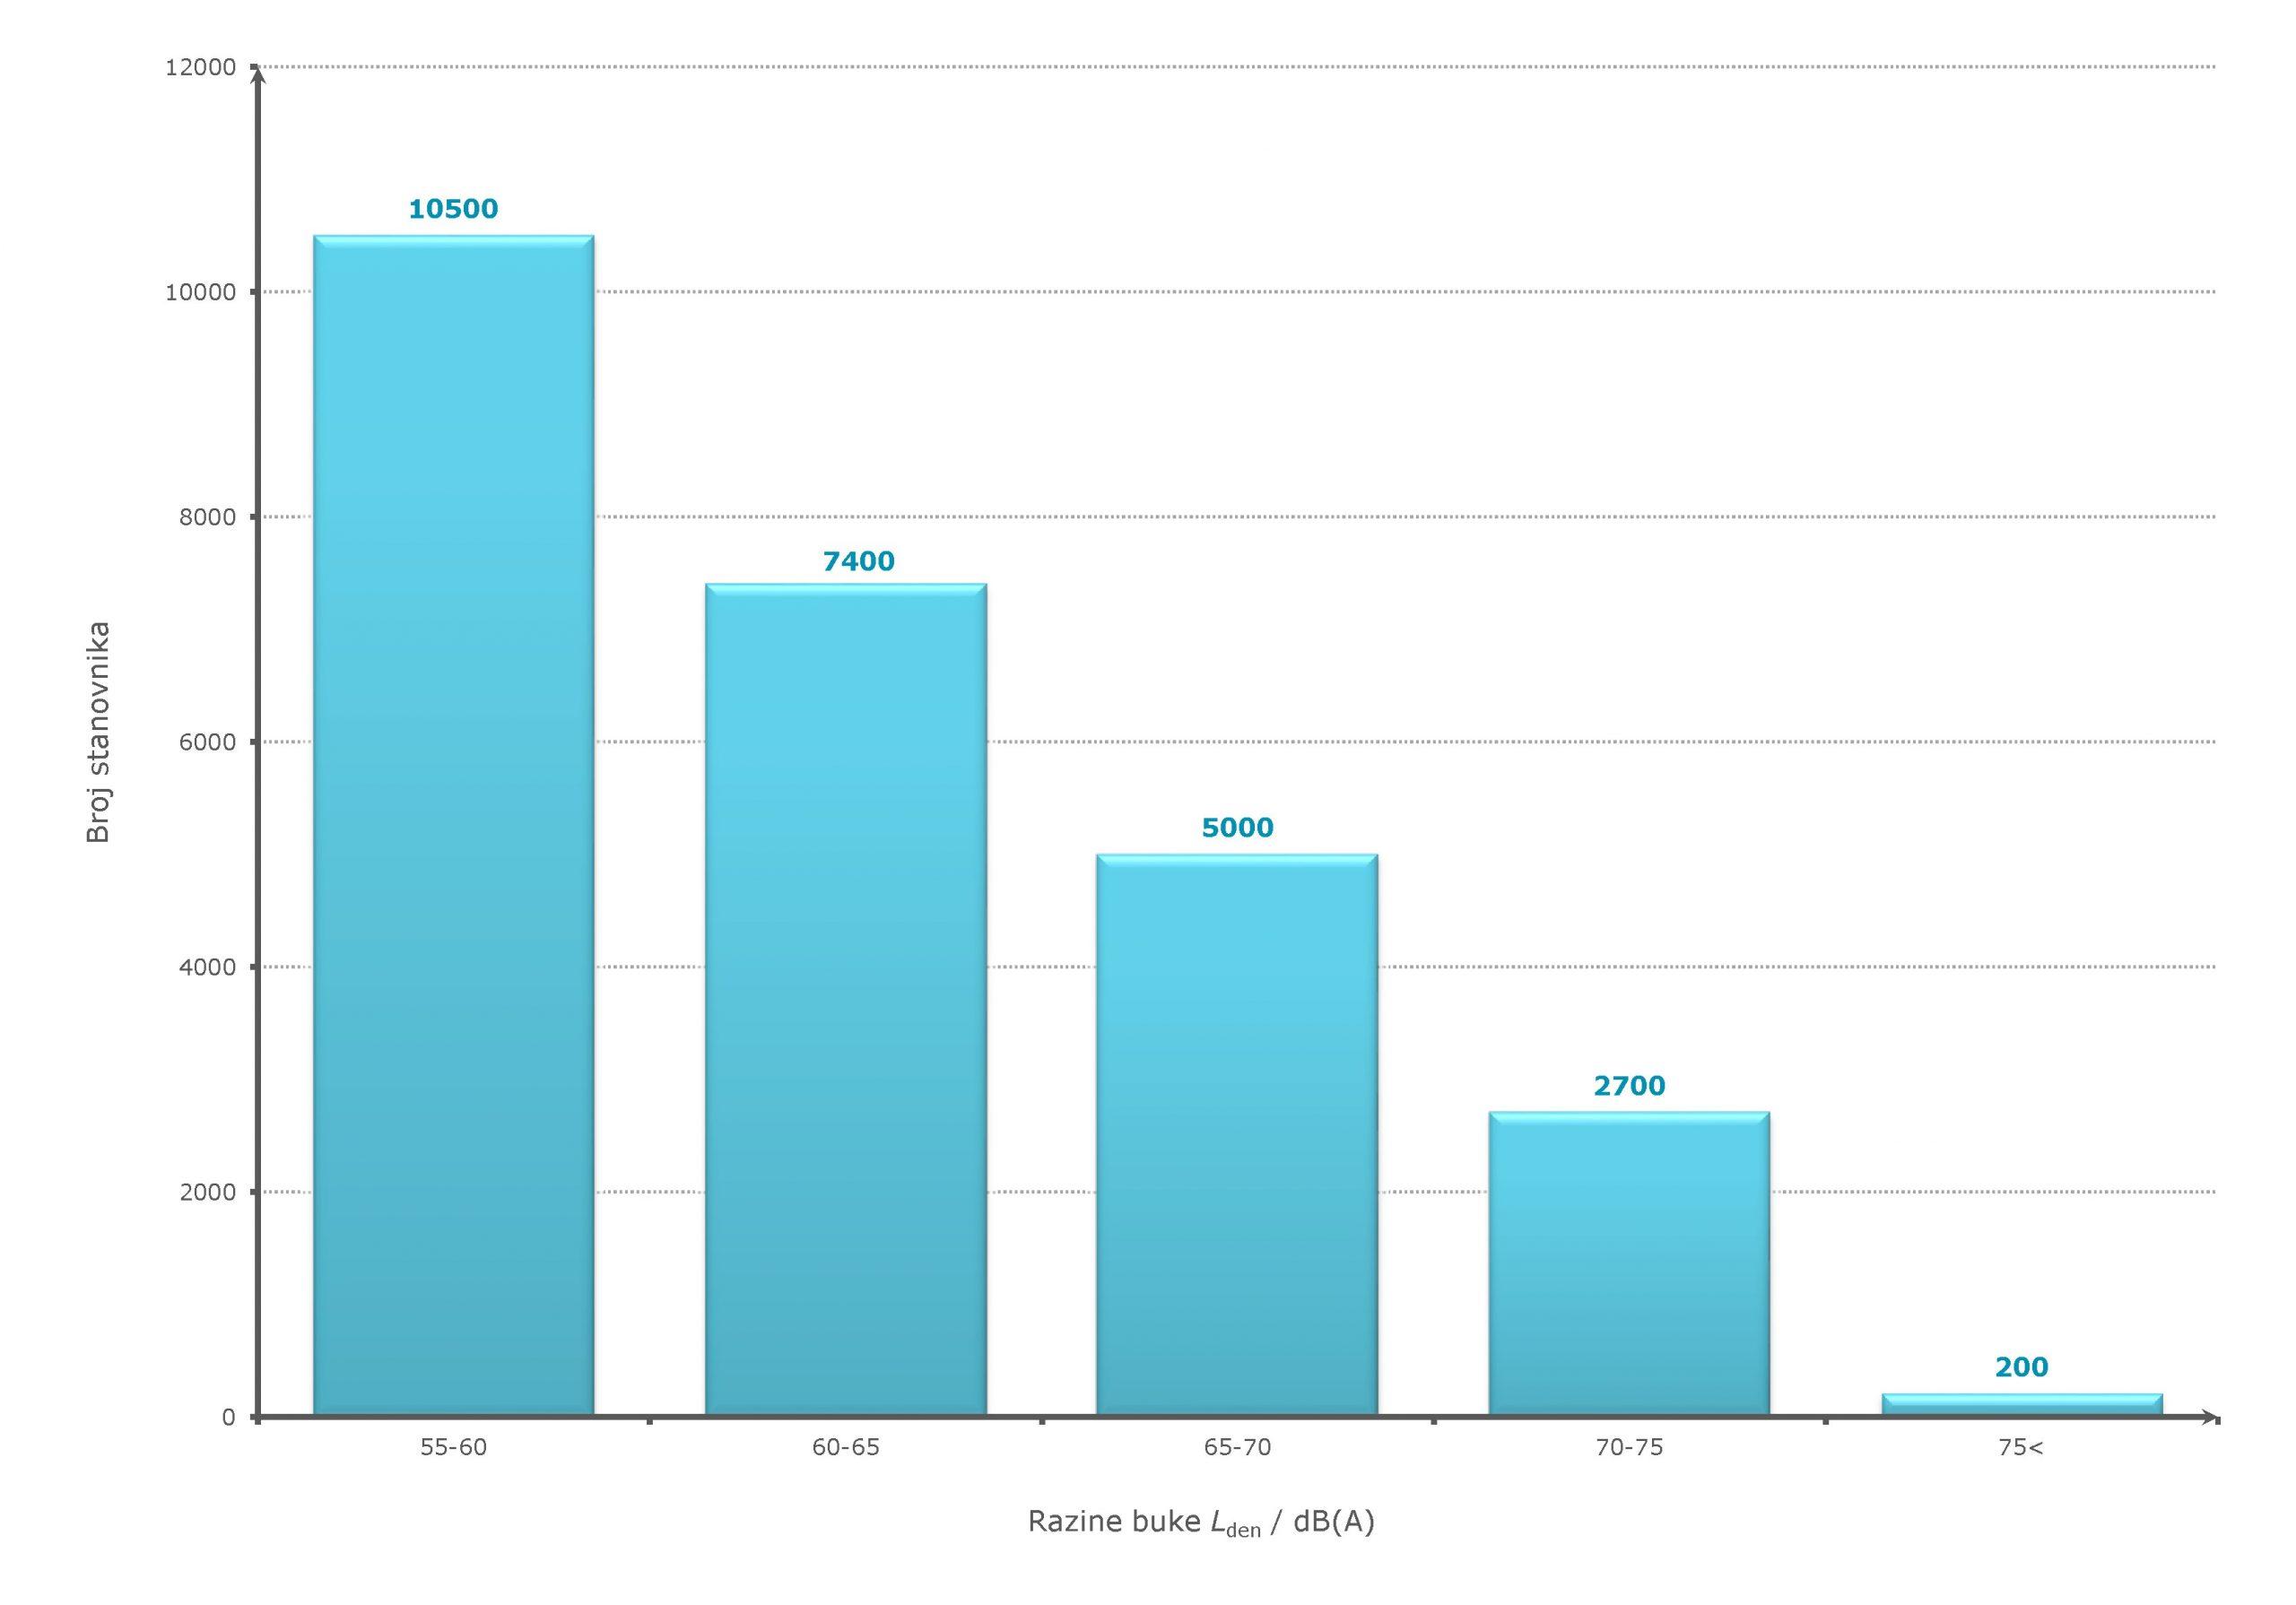 """a)Izloženosti stanovništva razinama indikatora buke Lden - cestovni promet, kategorija """"glavna"""" cesta"""